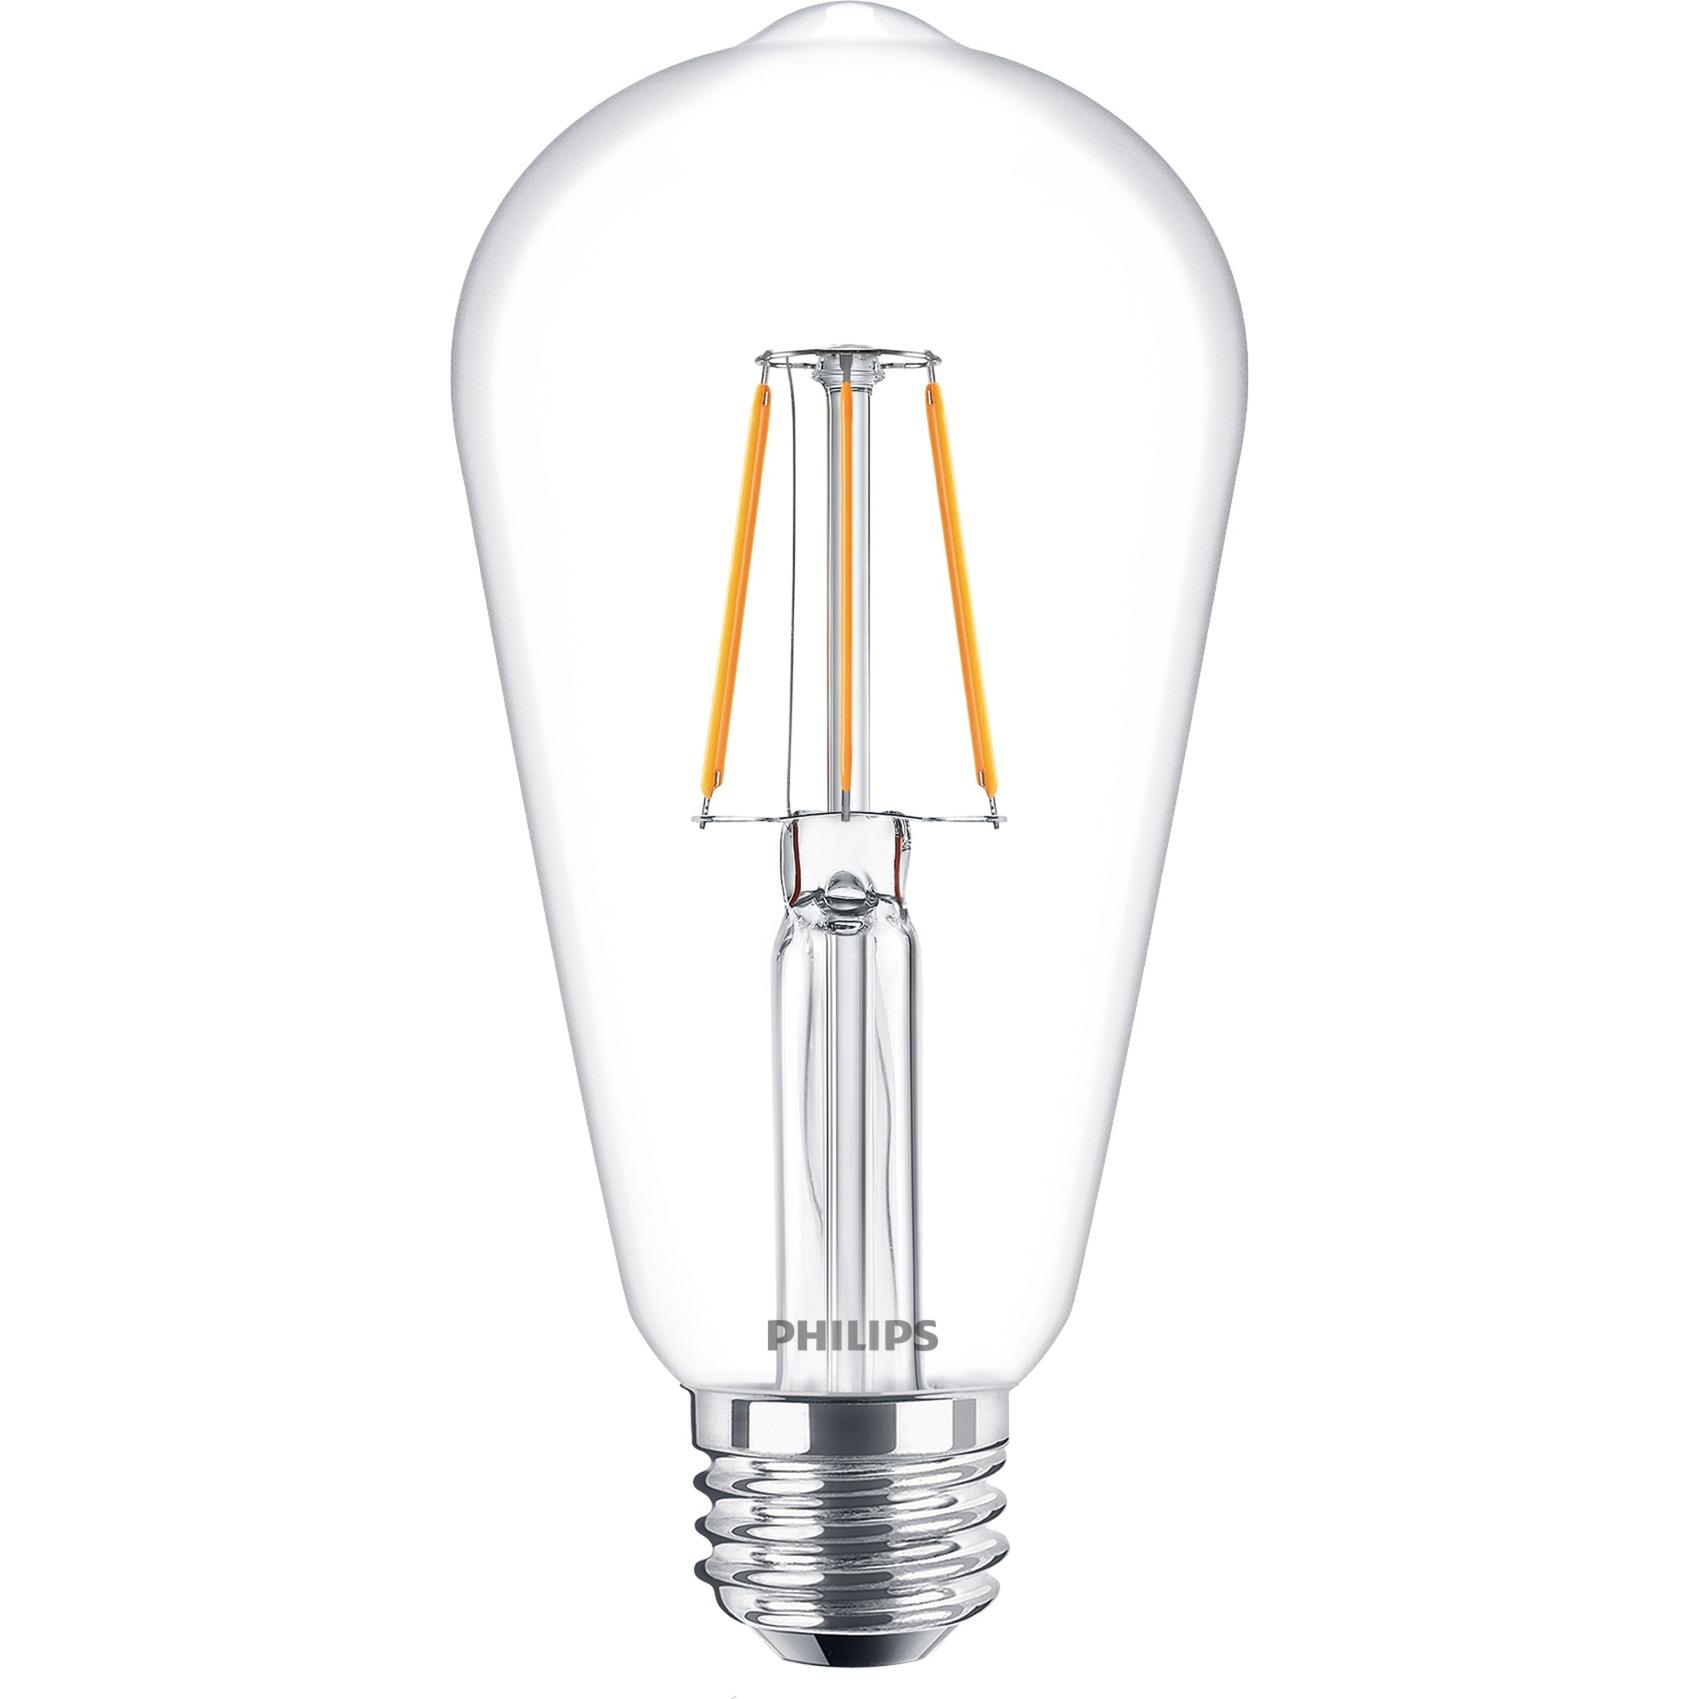 57403400 40W E27 A++ Blanco cálido lámpara LED